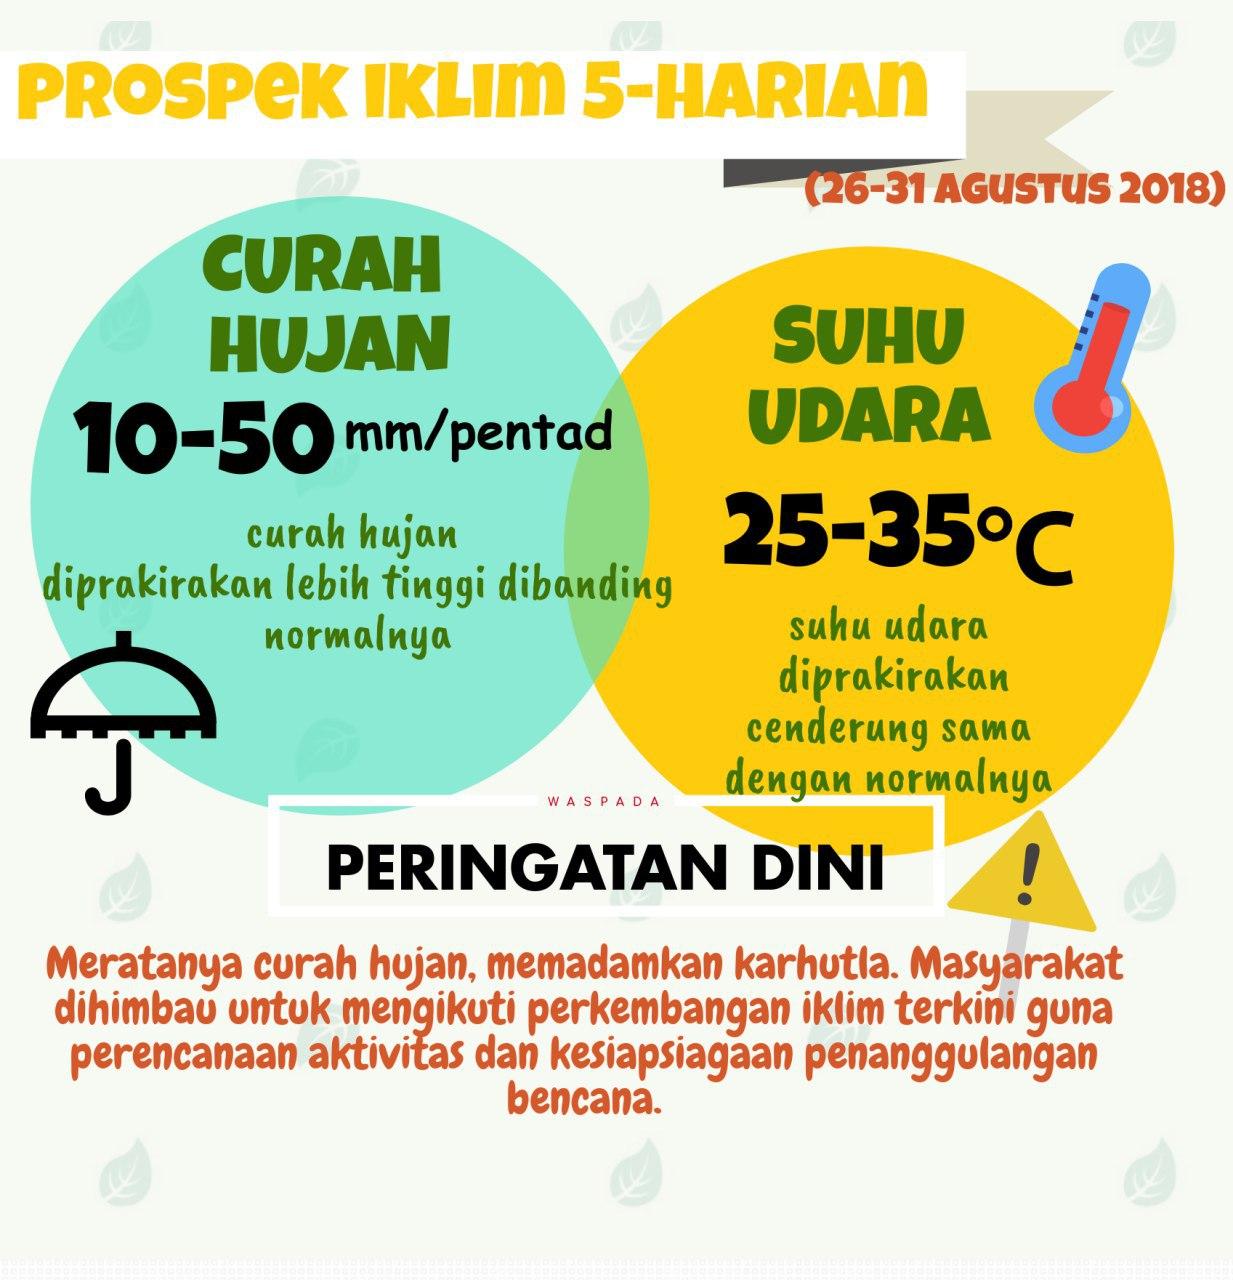 Berikut-Grafis-Prospek-Iklim-Kalbar-di-Awal-September-2018-4